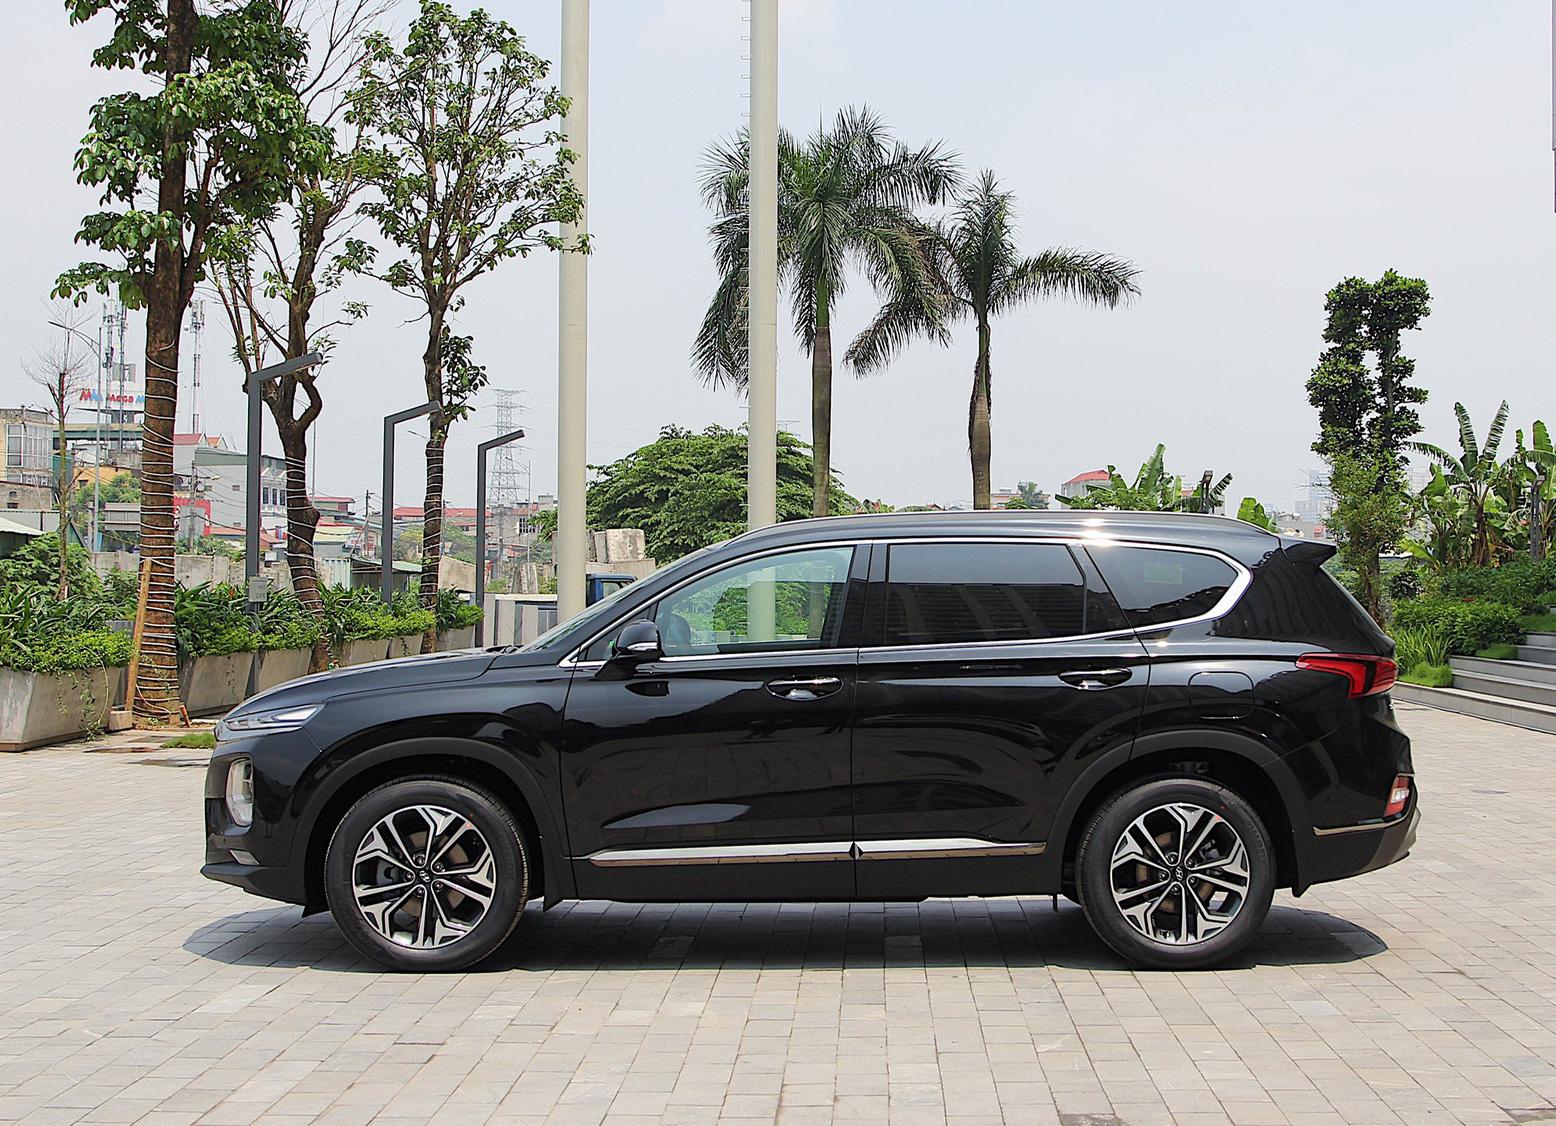 Phân khúc 1 tỷ đồng, chủ xe Hyundai SantaFe đánh giá ngỡ ngang - Ảnh 3.